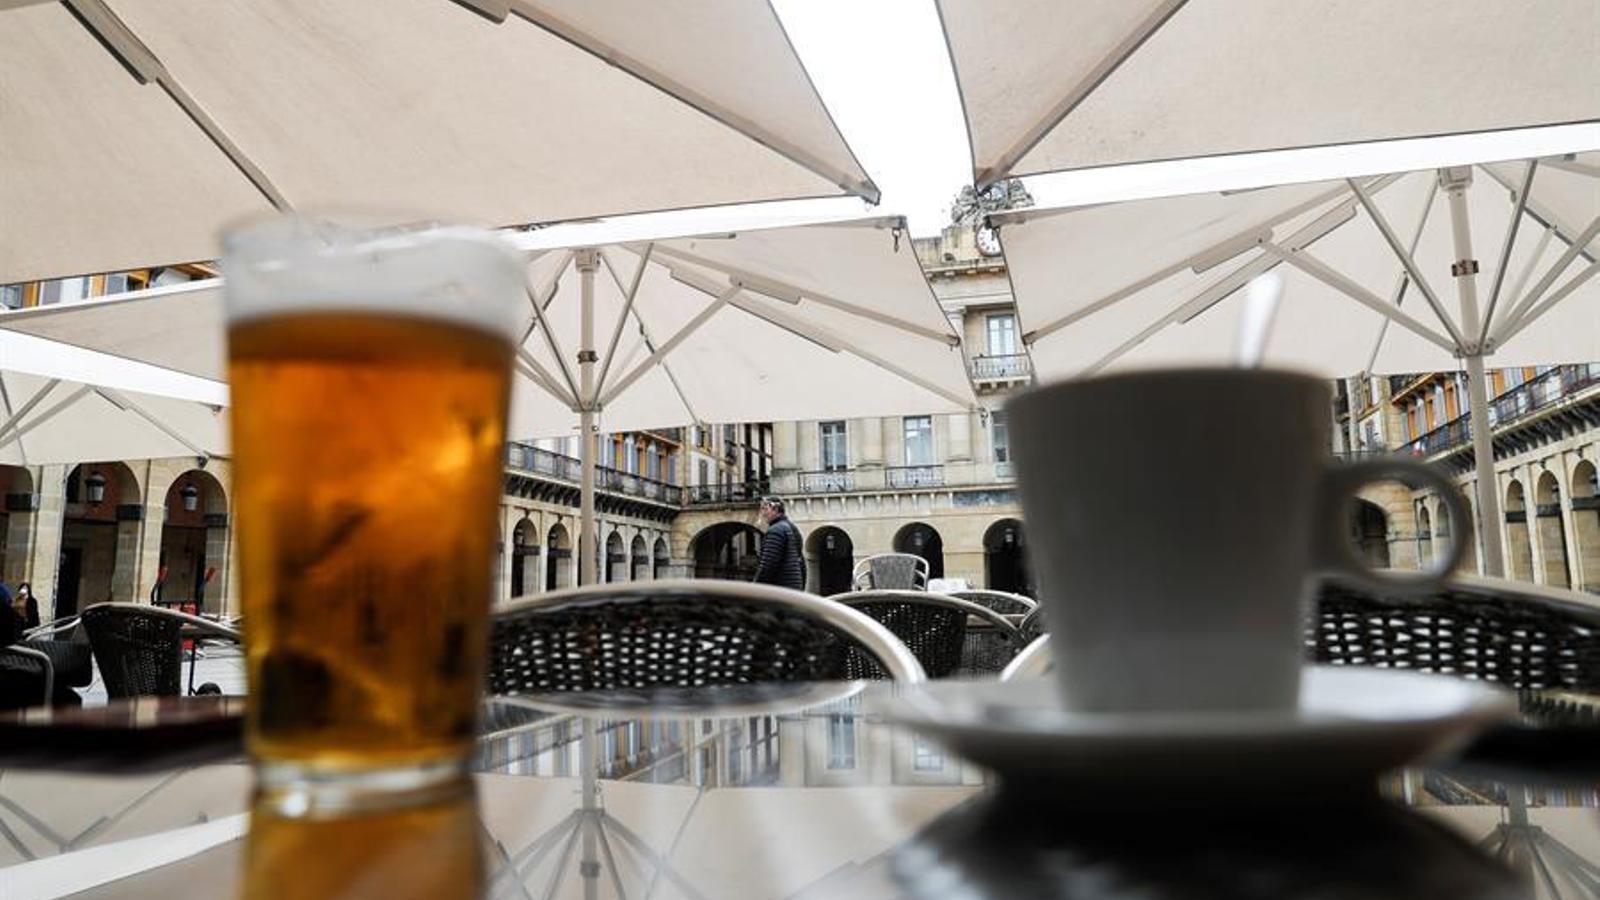 Bodes amb 100 invitats i bars oberts al 40%: les mesures de desescalada a la fase 2